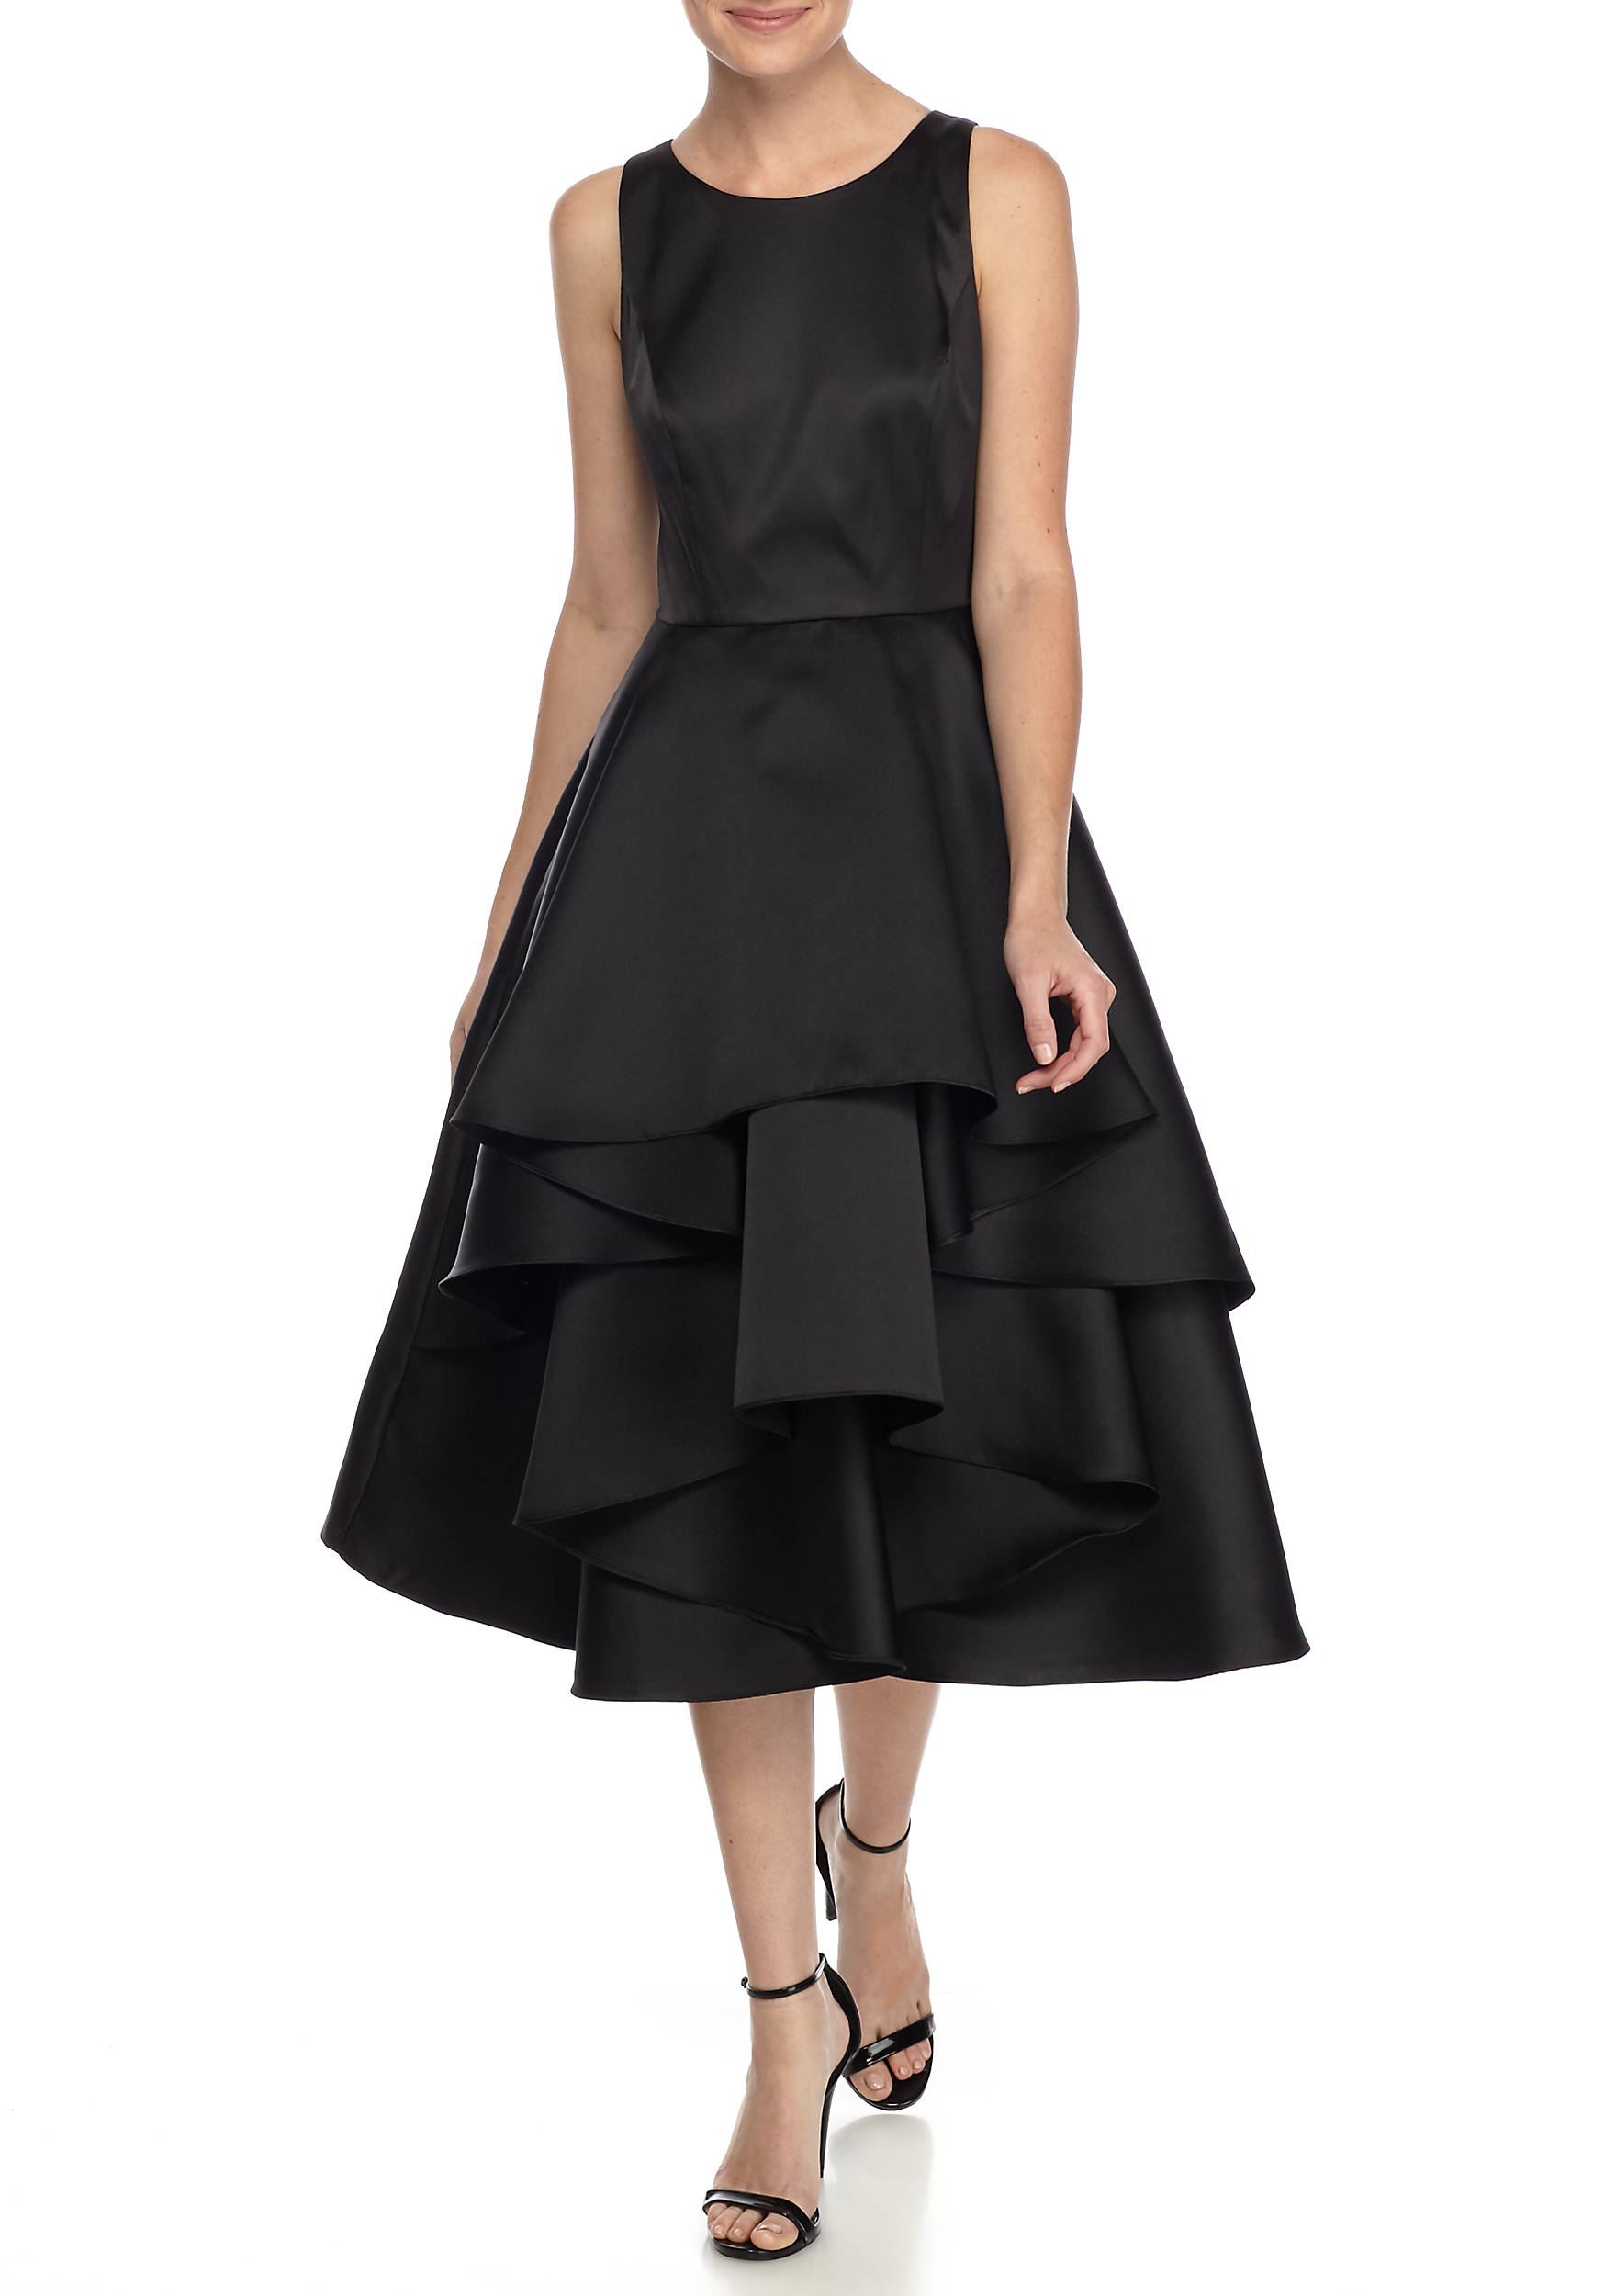 Adrianna Papell T-Length Ruffle Skirt Cocktail Dress   belk